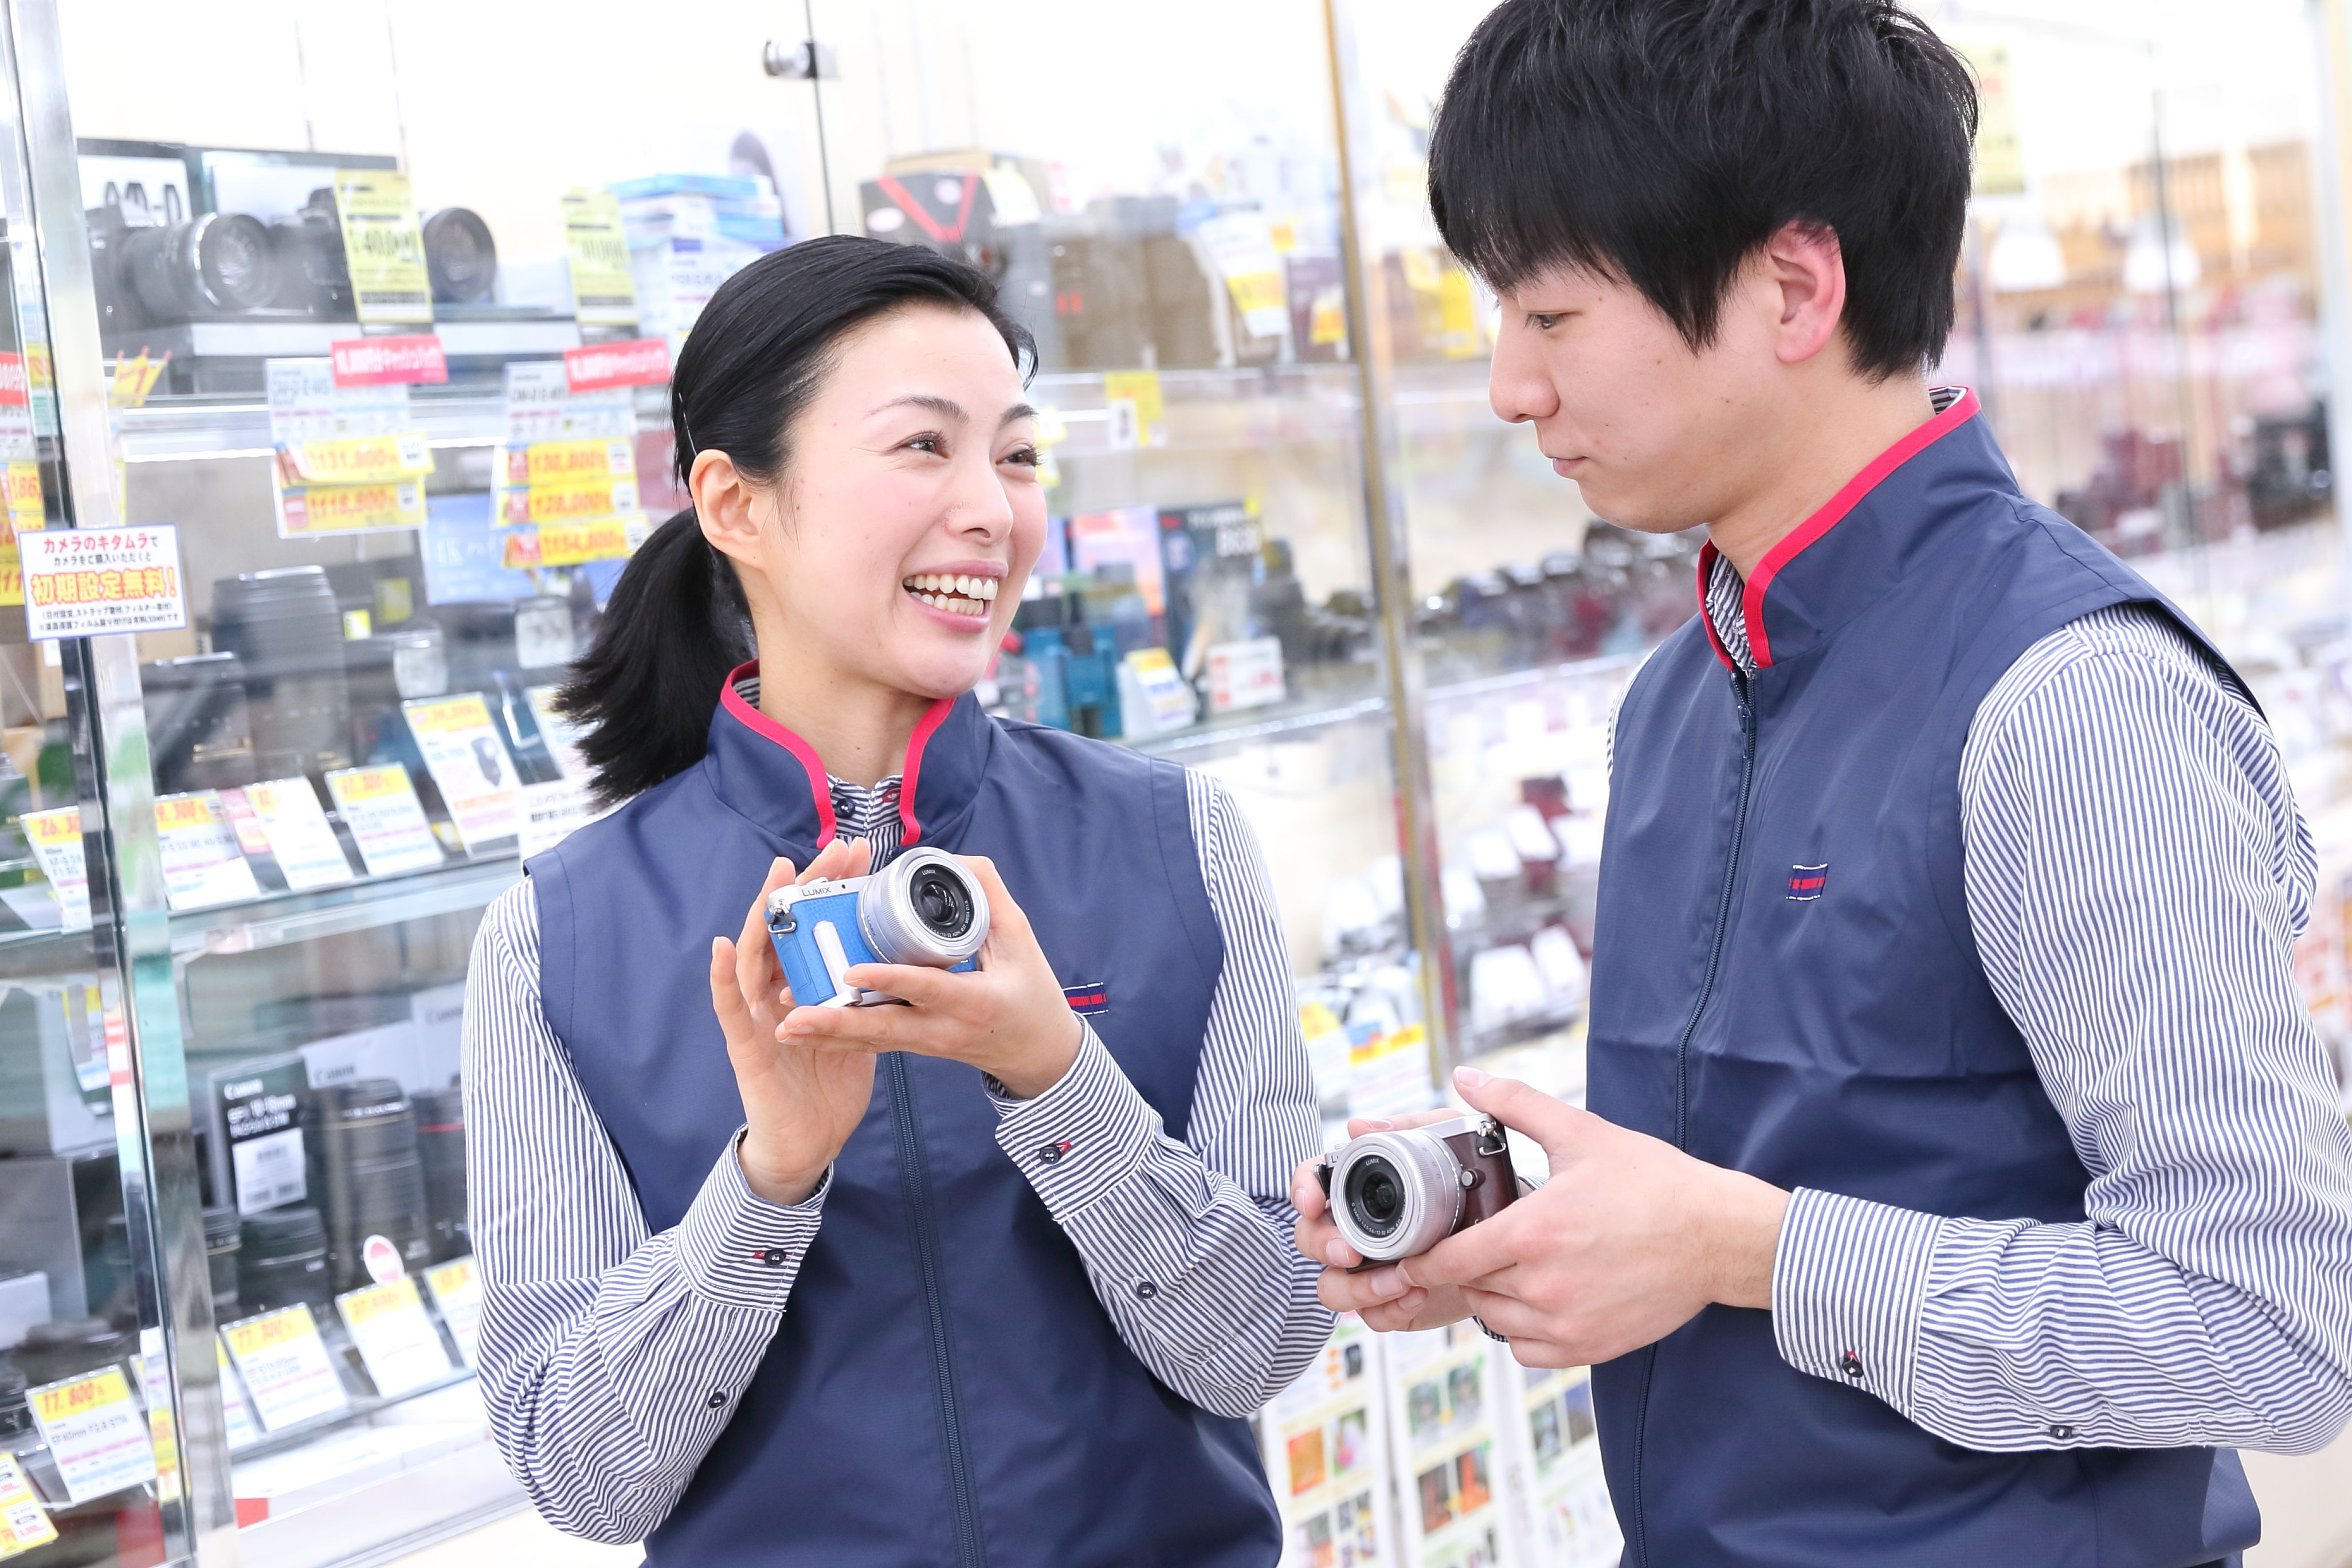 カメラのキタムラ 東京/セブンタウン小豆沢店 のアルバイト情報